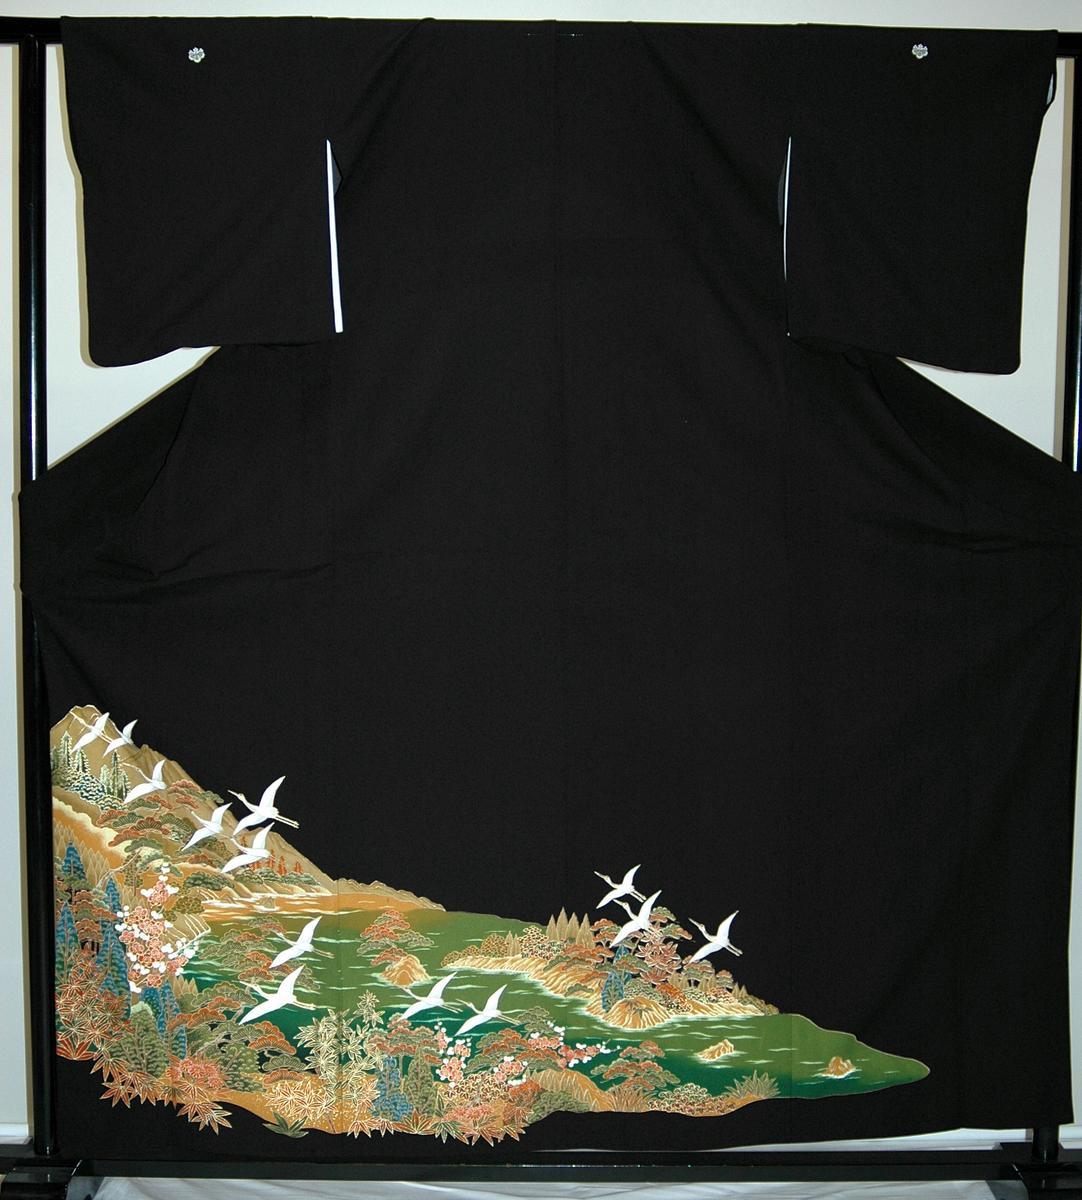 【レンタル】【貸衣裳】 rt292単衣・グリーンに小鶴 留袖 【貸衣装】秋のキャンペーン